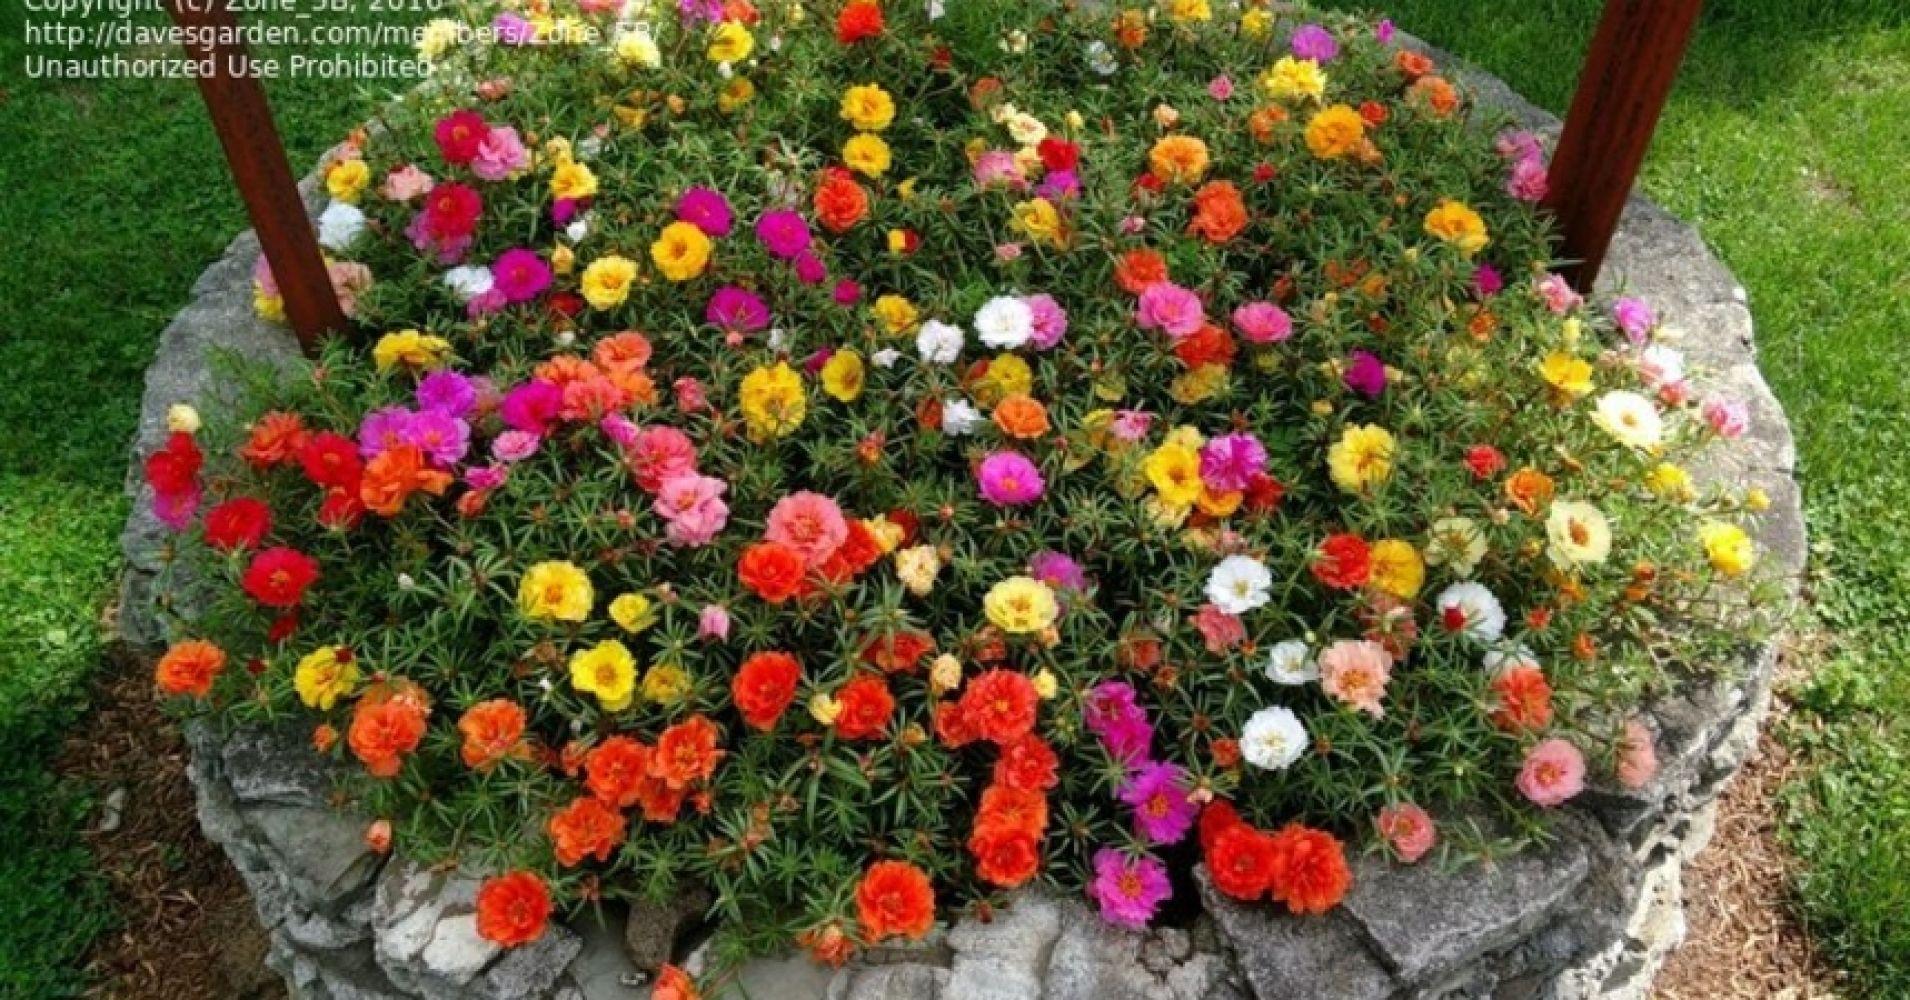 A legjobb alkalom növények vásárlására kertjében